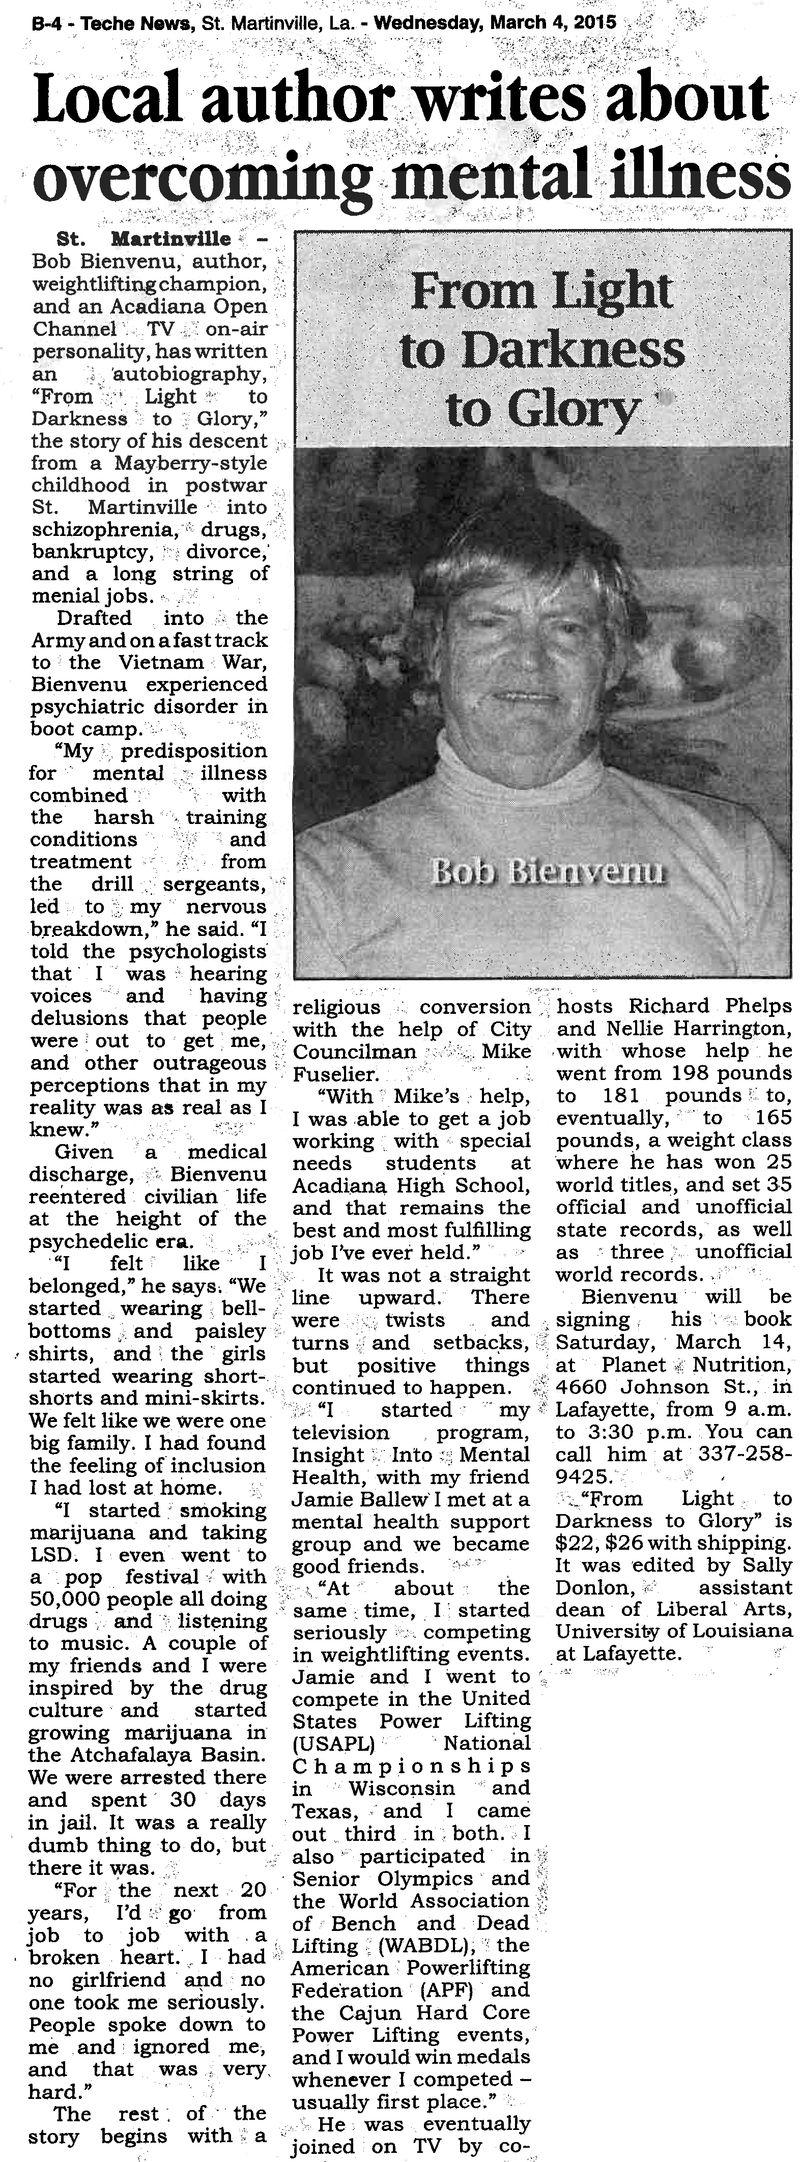 Robert bienvenu article